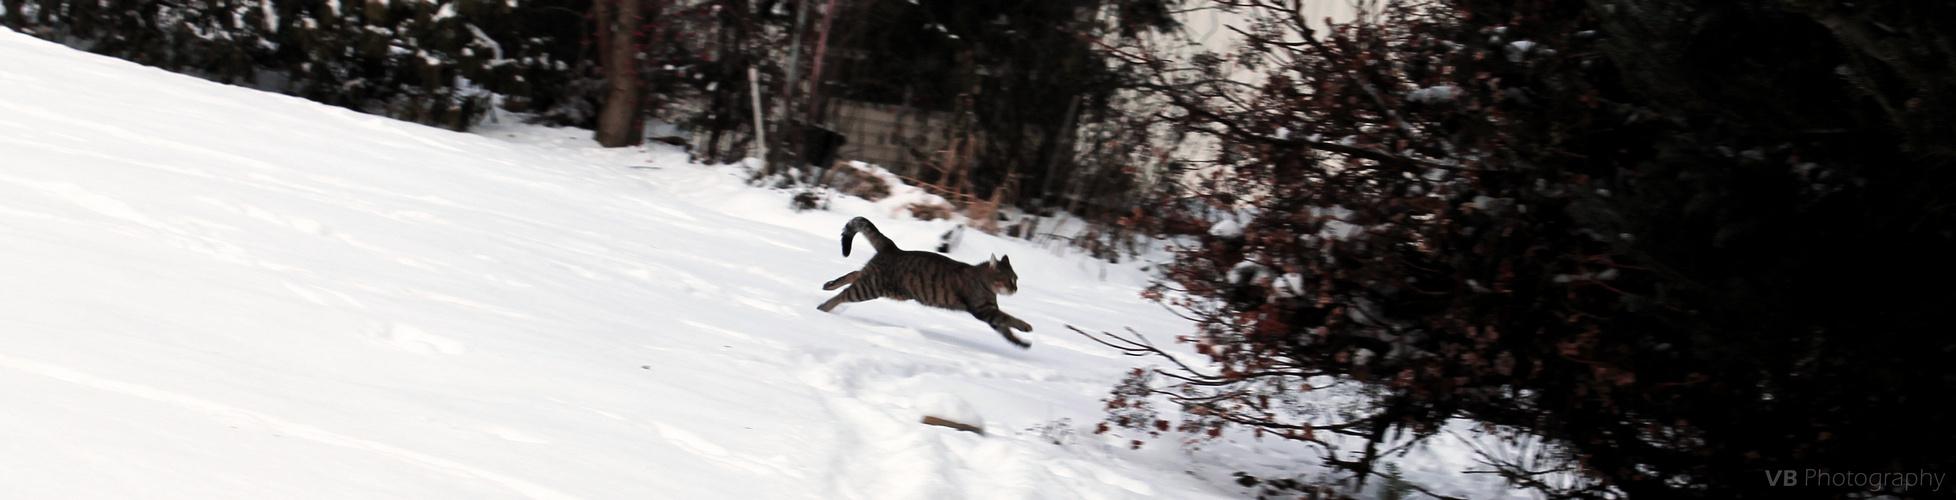 Rennende Katze